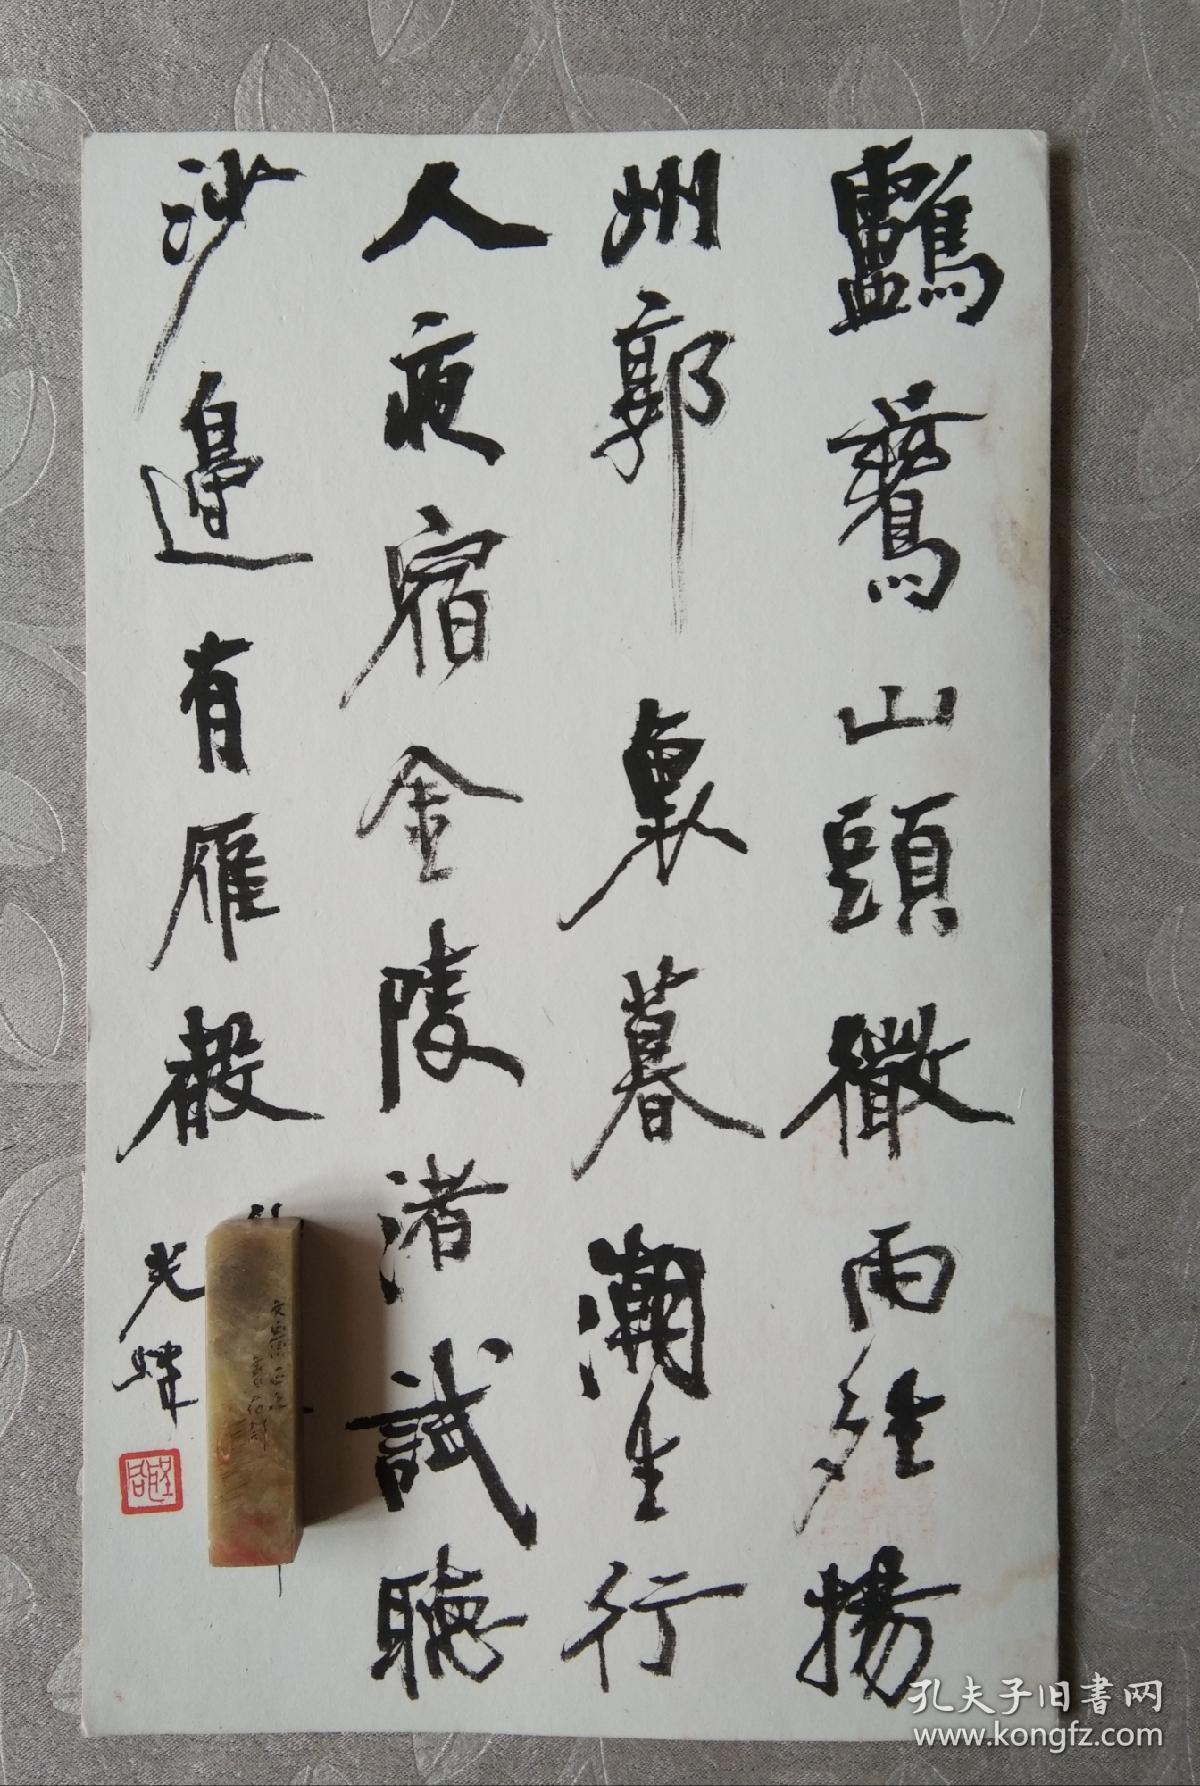 著名书法家 胡小石书法一幅--鸬鹚山头微雨晴,扬州郭里暮潮生。 行人夜宿金陵渚,试听沙边有雁声。